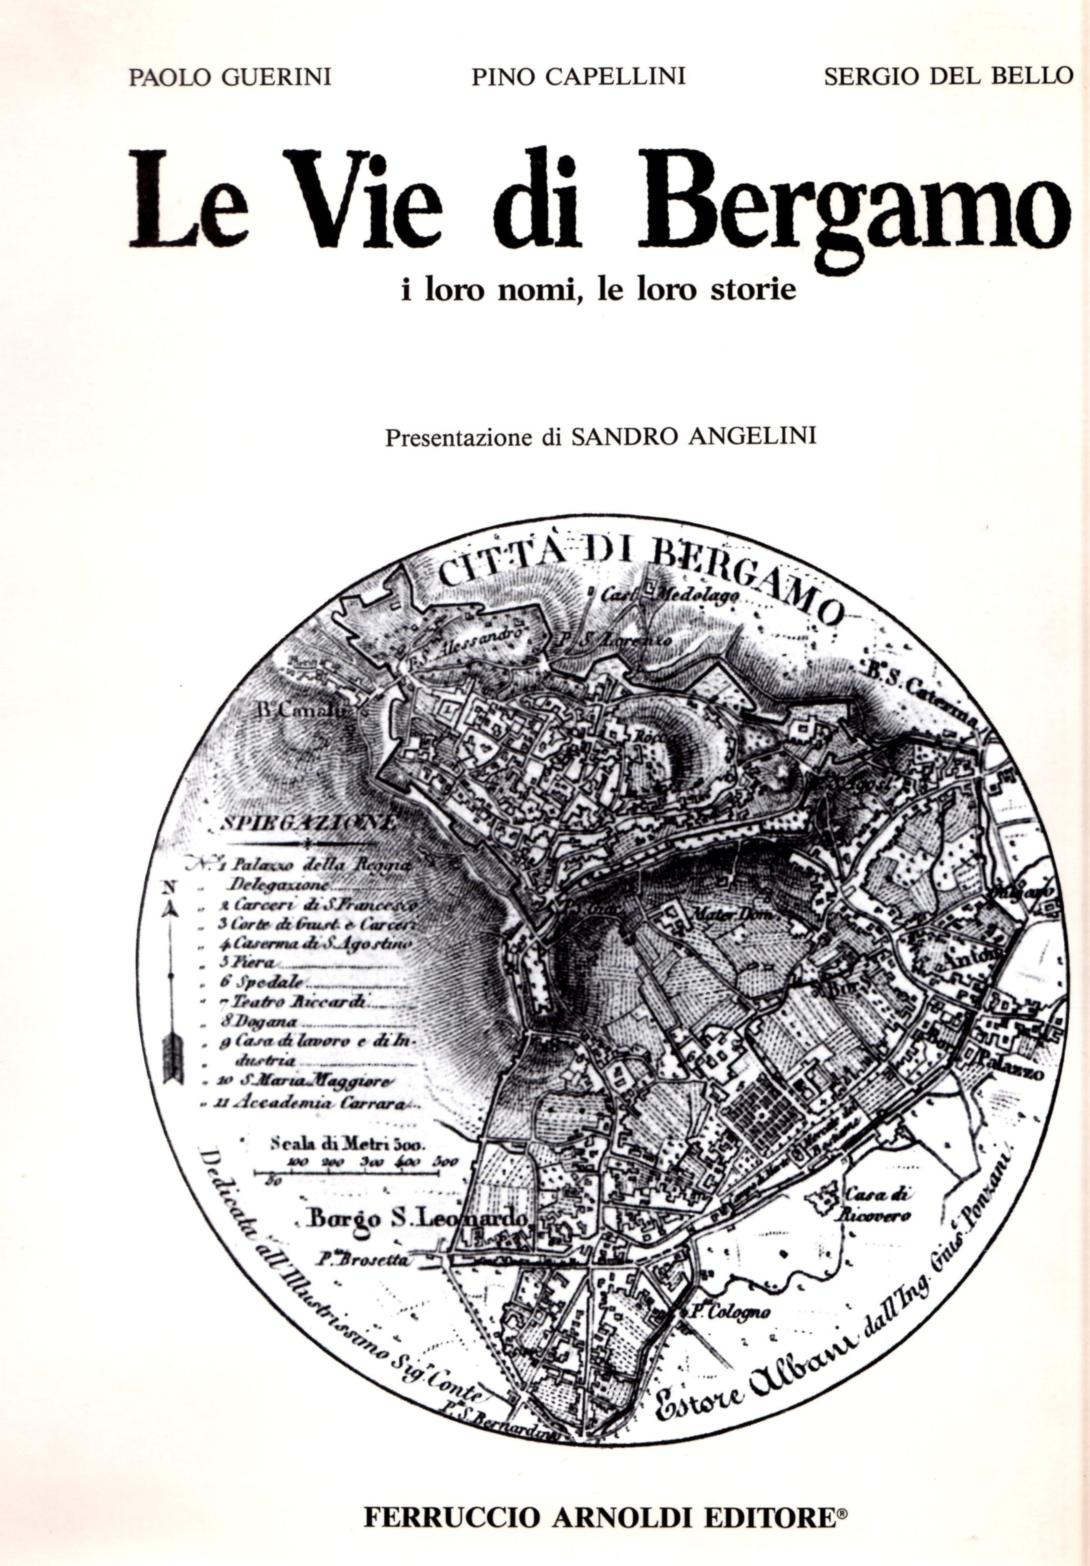 39 - Le vie di Bergamo